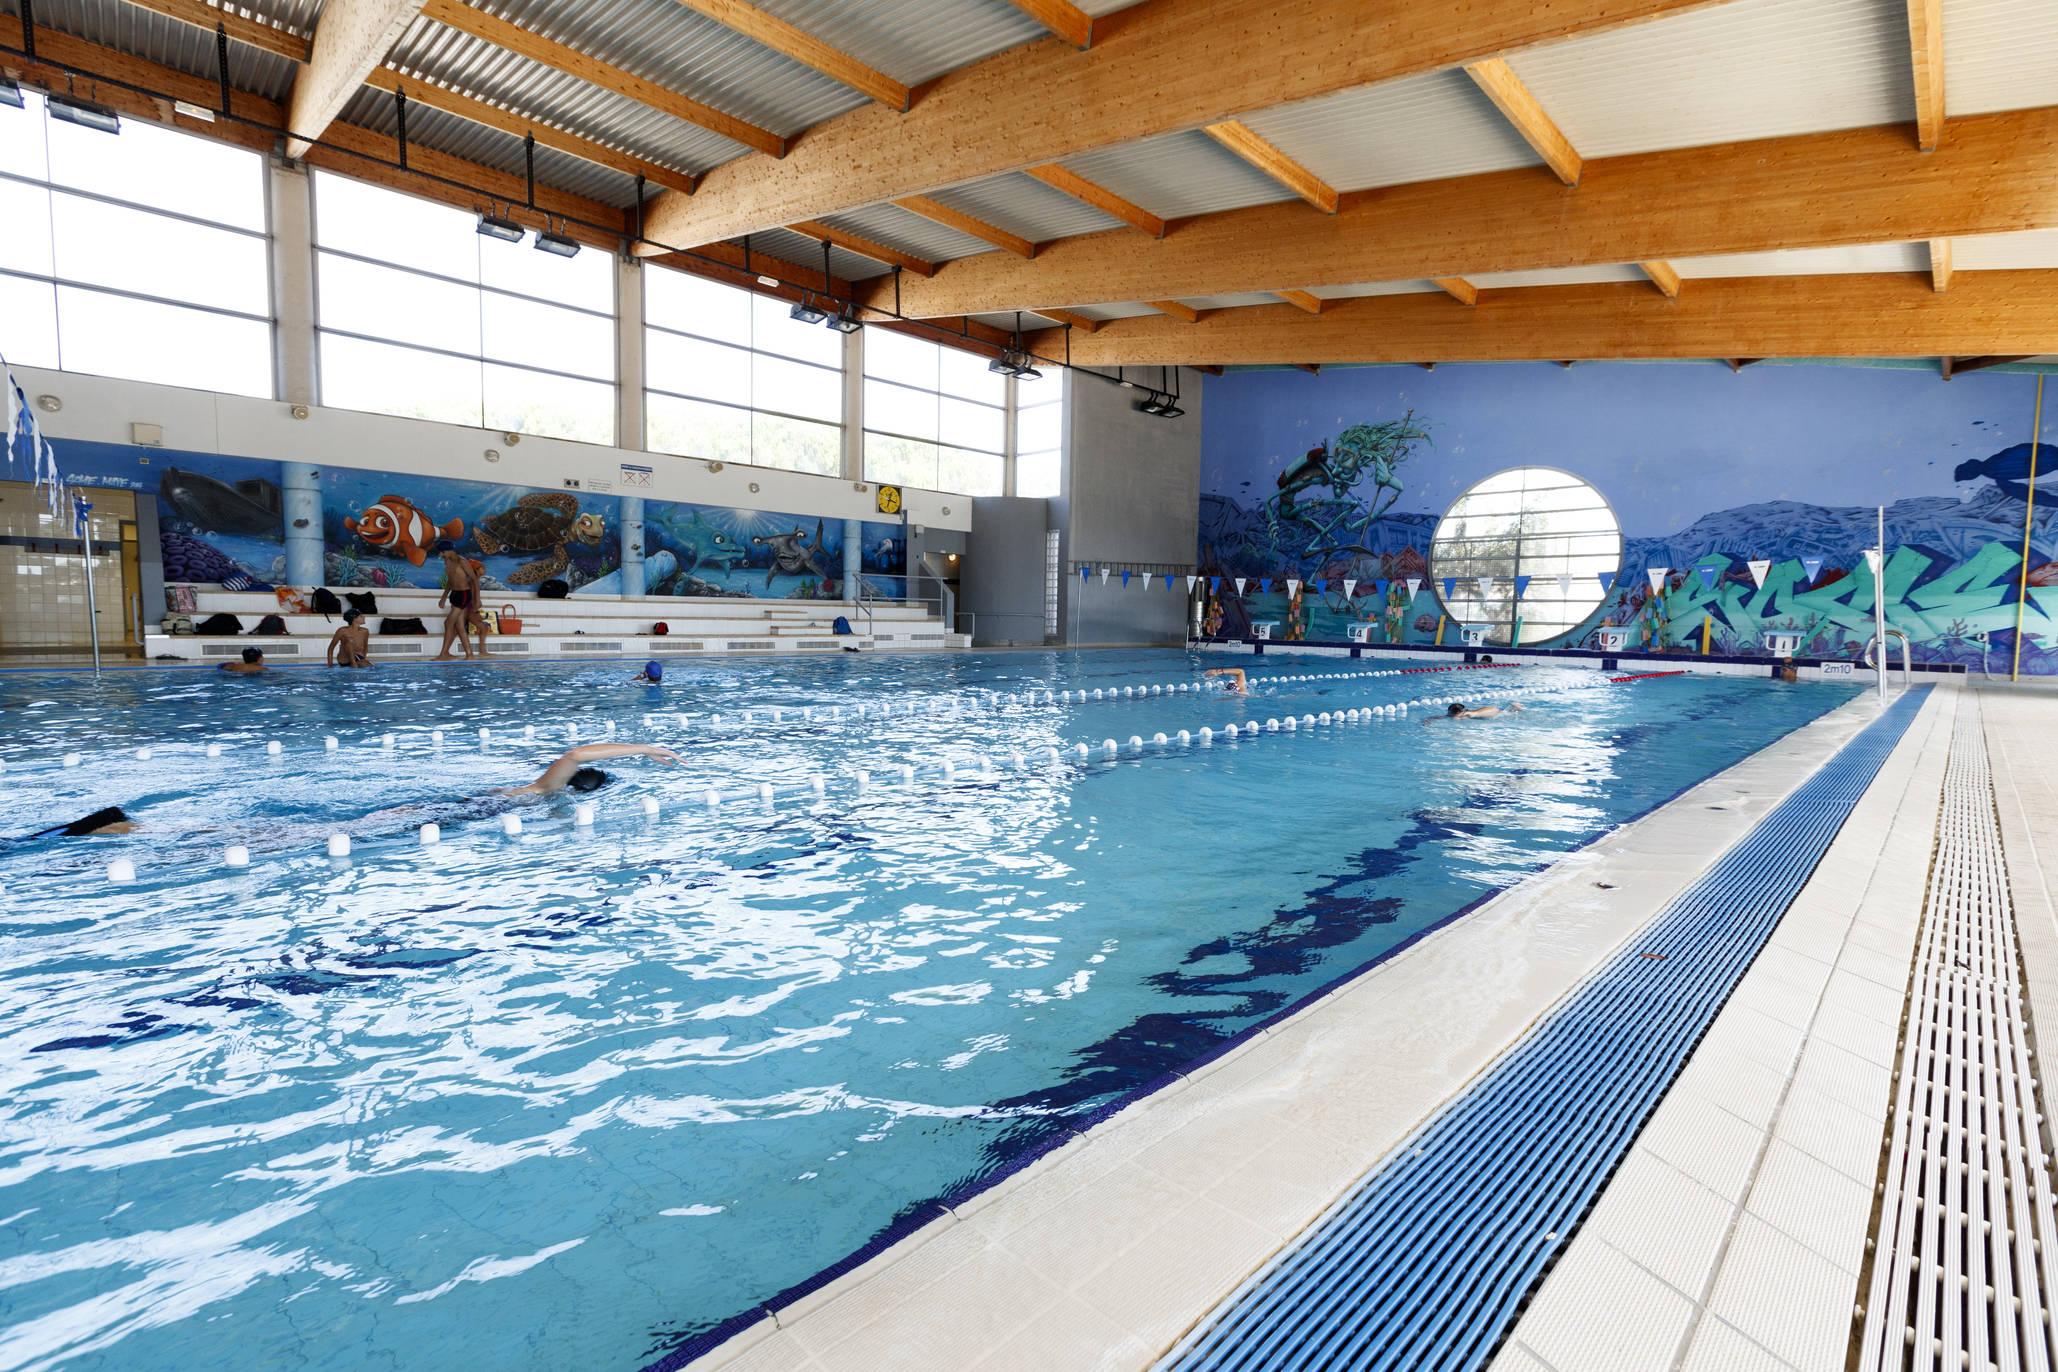 Piscine Marcel Spilliaert (Chamberte), Swimming-Pool ... serapportantà Piscine Spilliaert